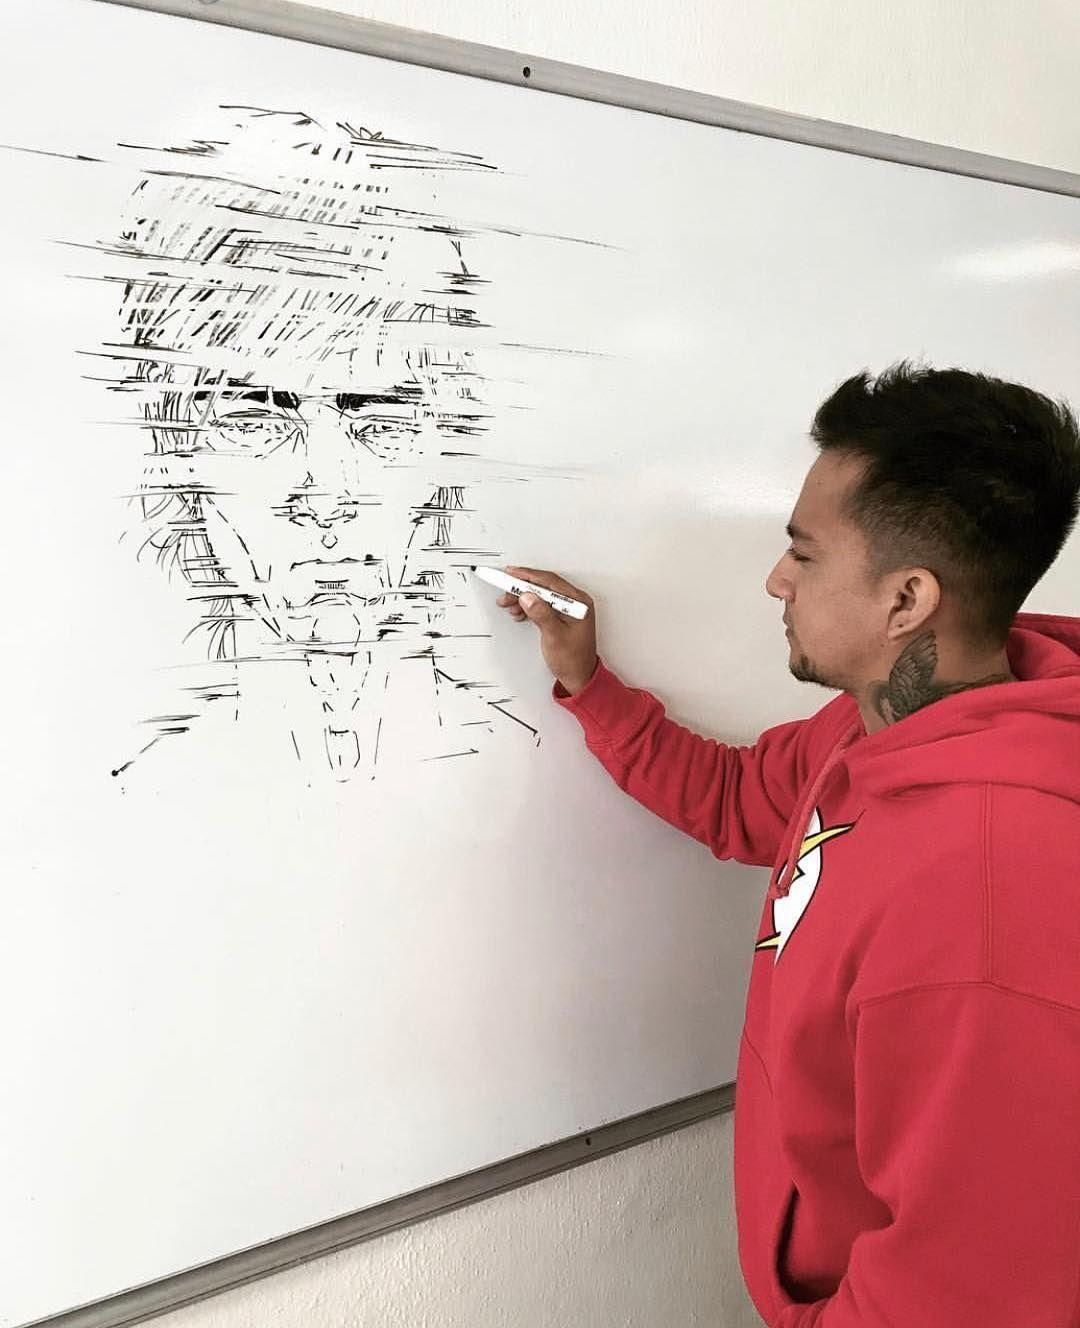 Pencil Sketch Artist Efrain Malo Pencil Sketch Art Drawings Beautiful Sketches